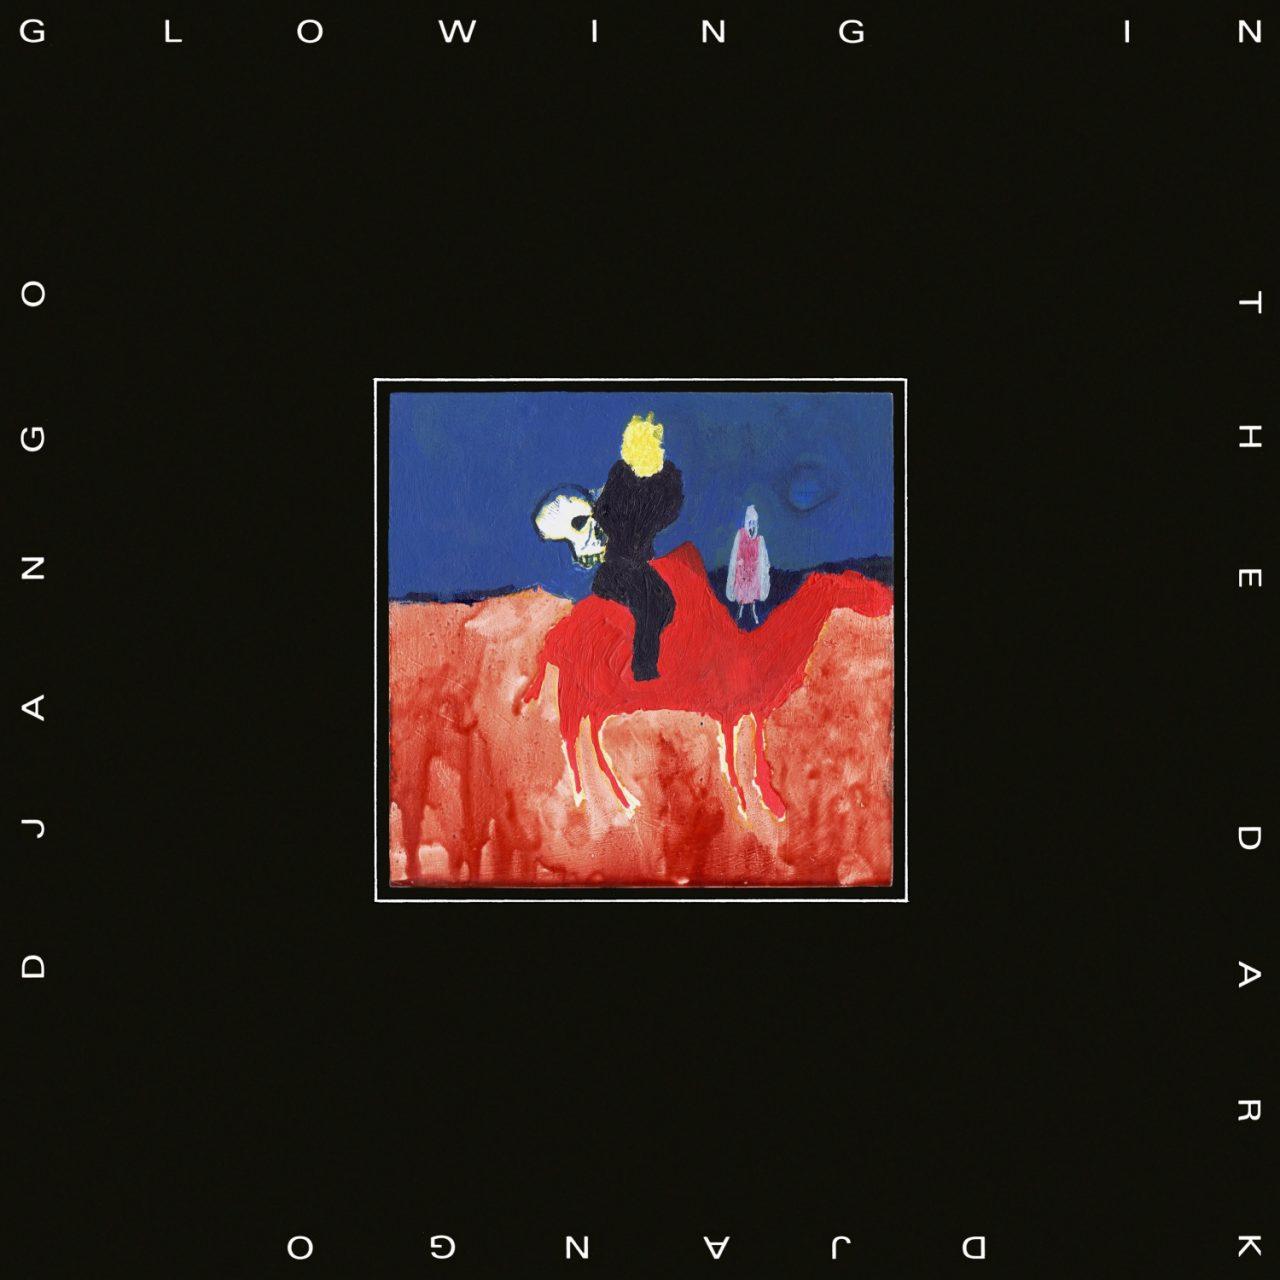 """Auf dem Albumcover """"Glowing In The Dark"""" von Django Django ist ein Kamel in einer Wüste zu sehen. Der Reiter trägt einen Totenkopf in der Hand. Umrandet ist dieses Wachsmalbild von einem schwarzen, dicken Rand."""